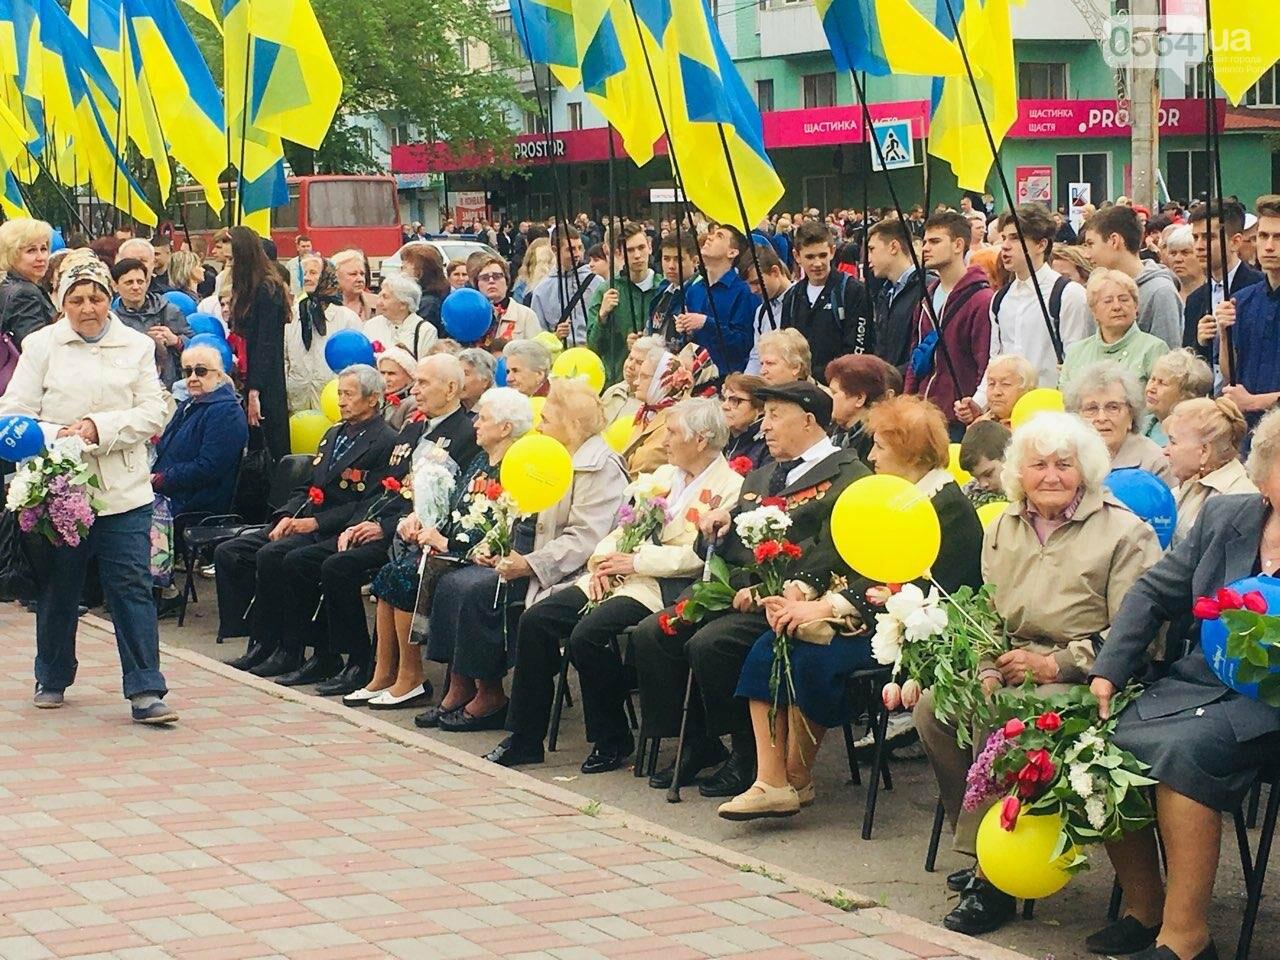 """9 мая в Кривом Роге: """"Марш мира"""" в Покровском районе стал самым массовым мероприятием, - ФОТО, фото-23"""